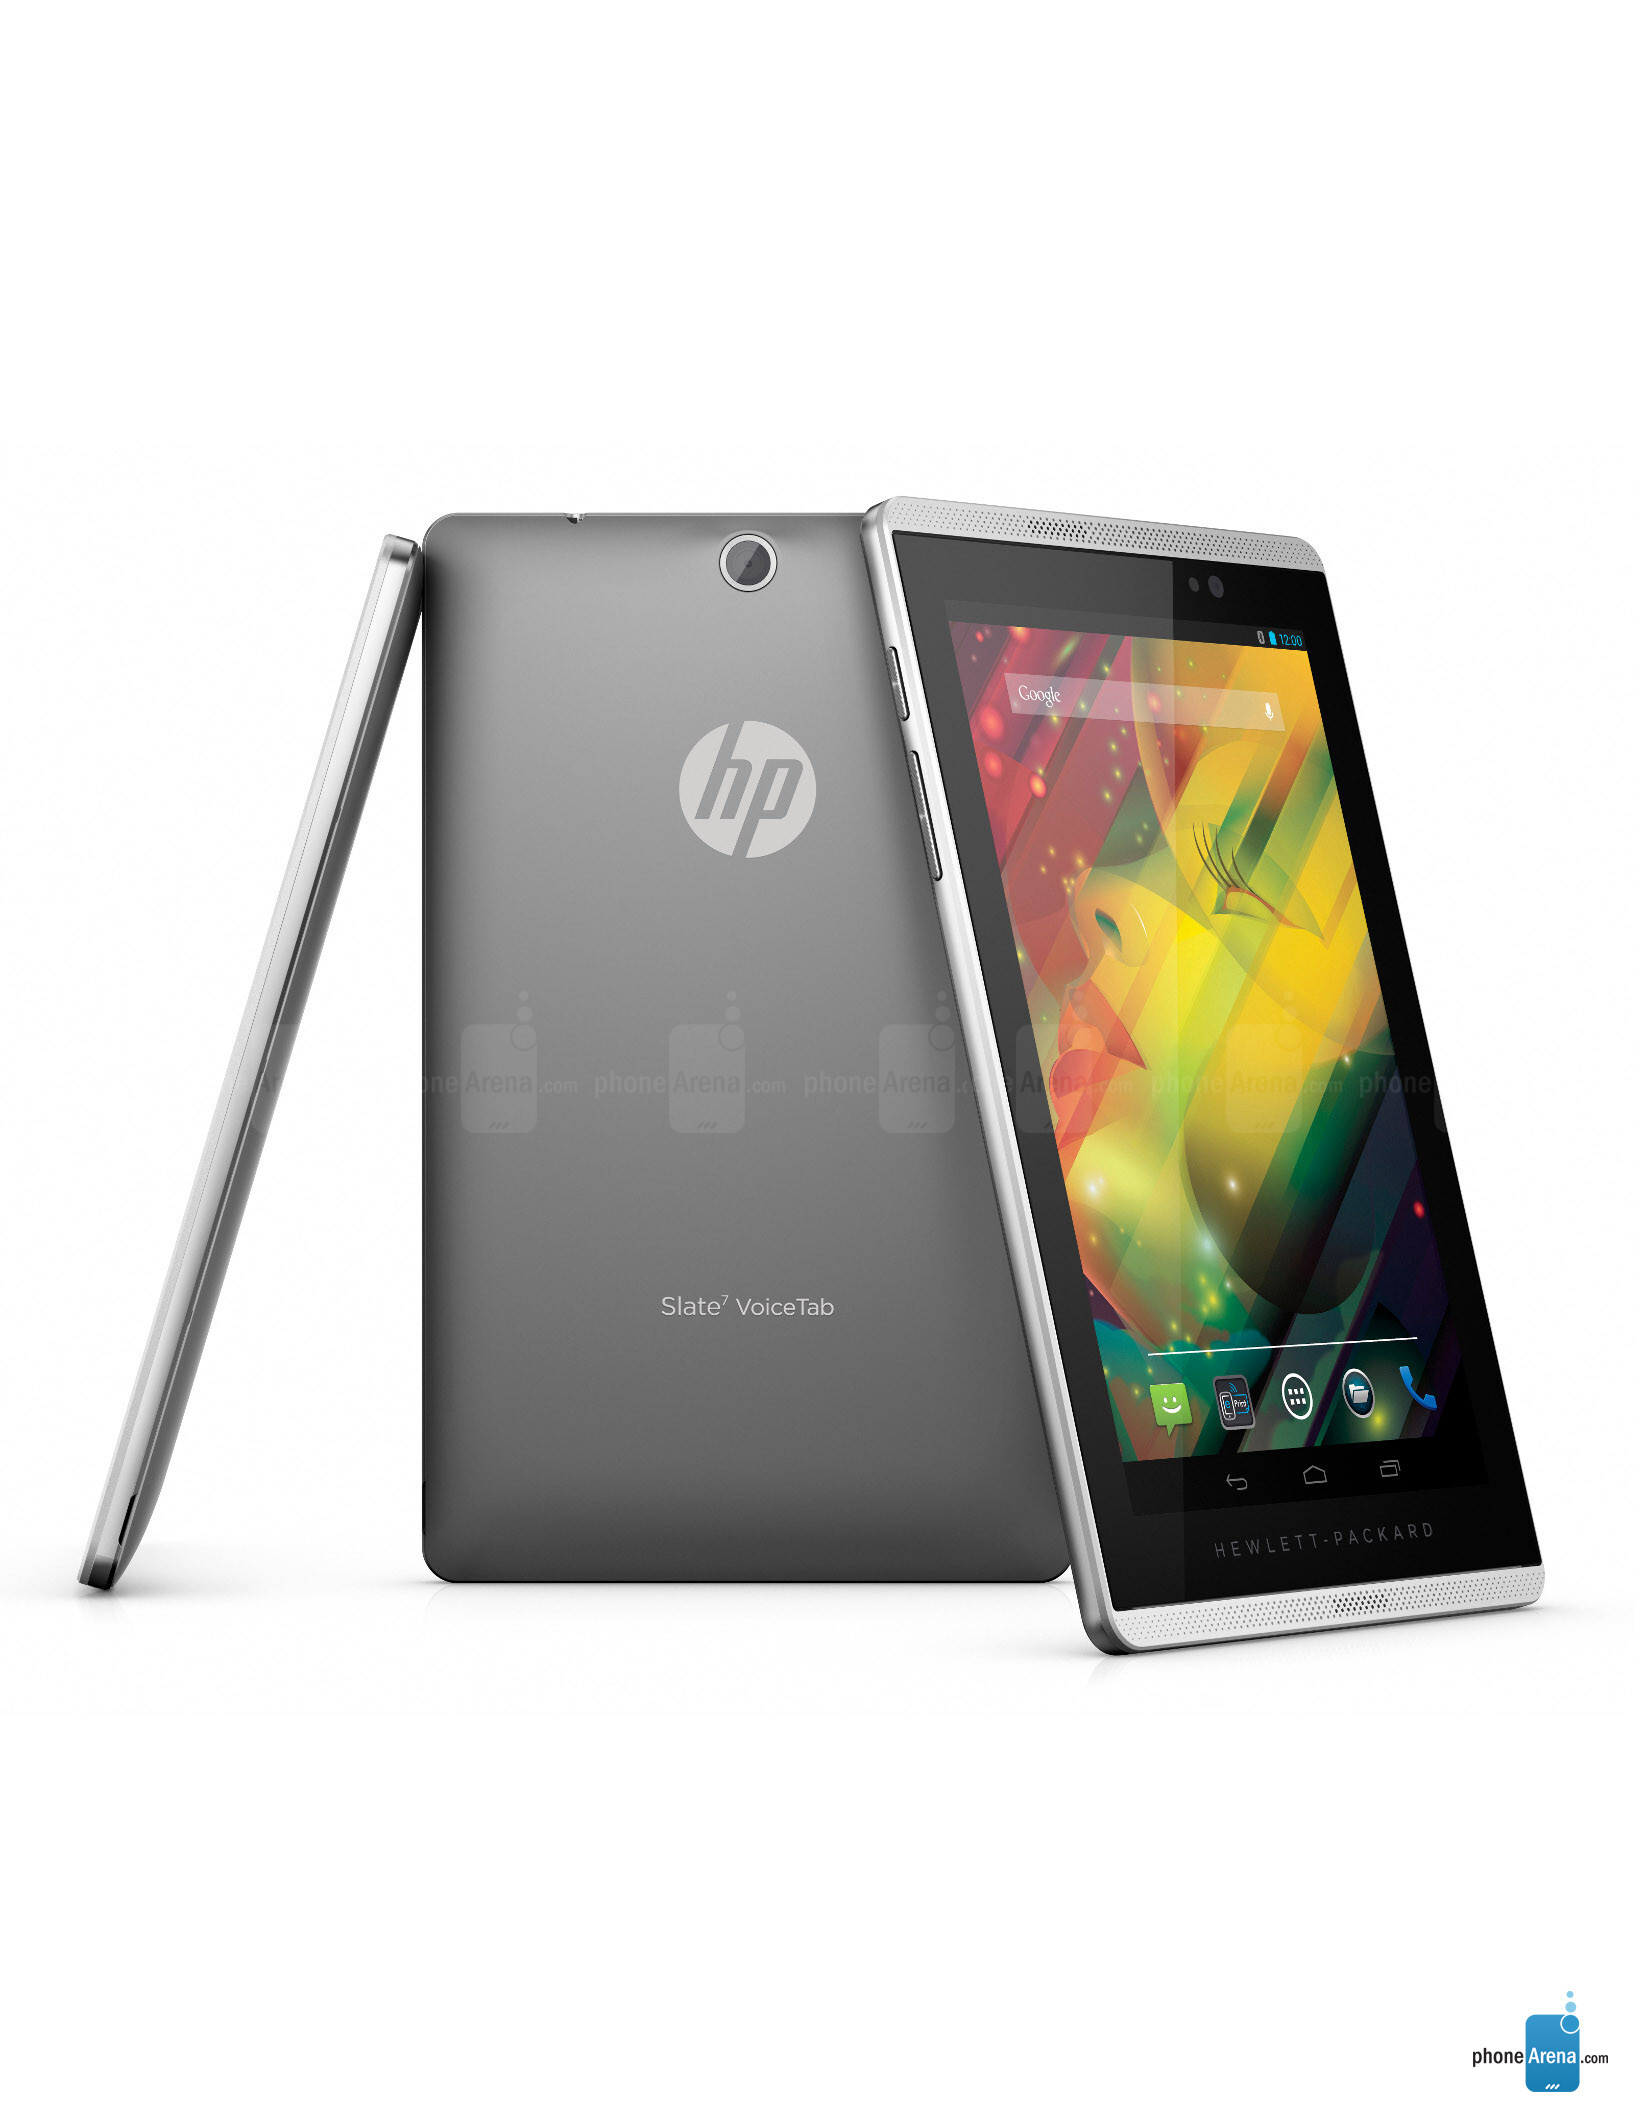 HP Slate-6 Voice Tab - YouTube